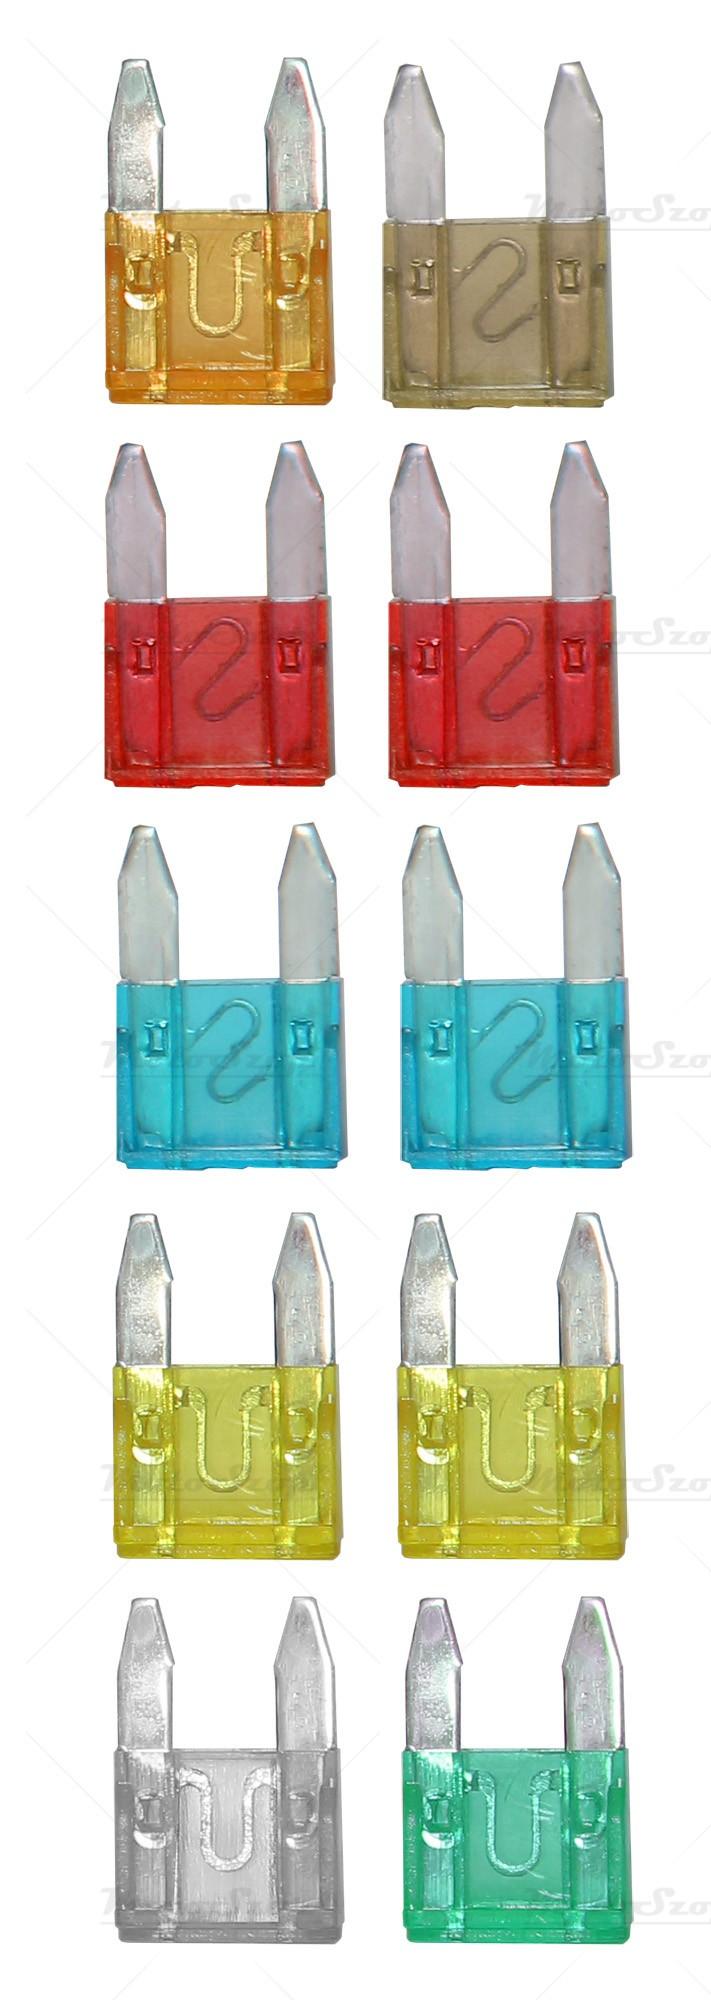 Bezpiecznik płykowy MINI 15A (100szt.)